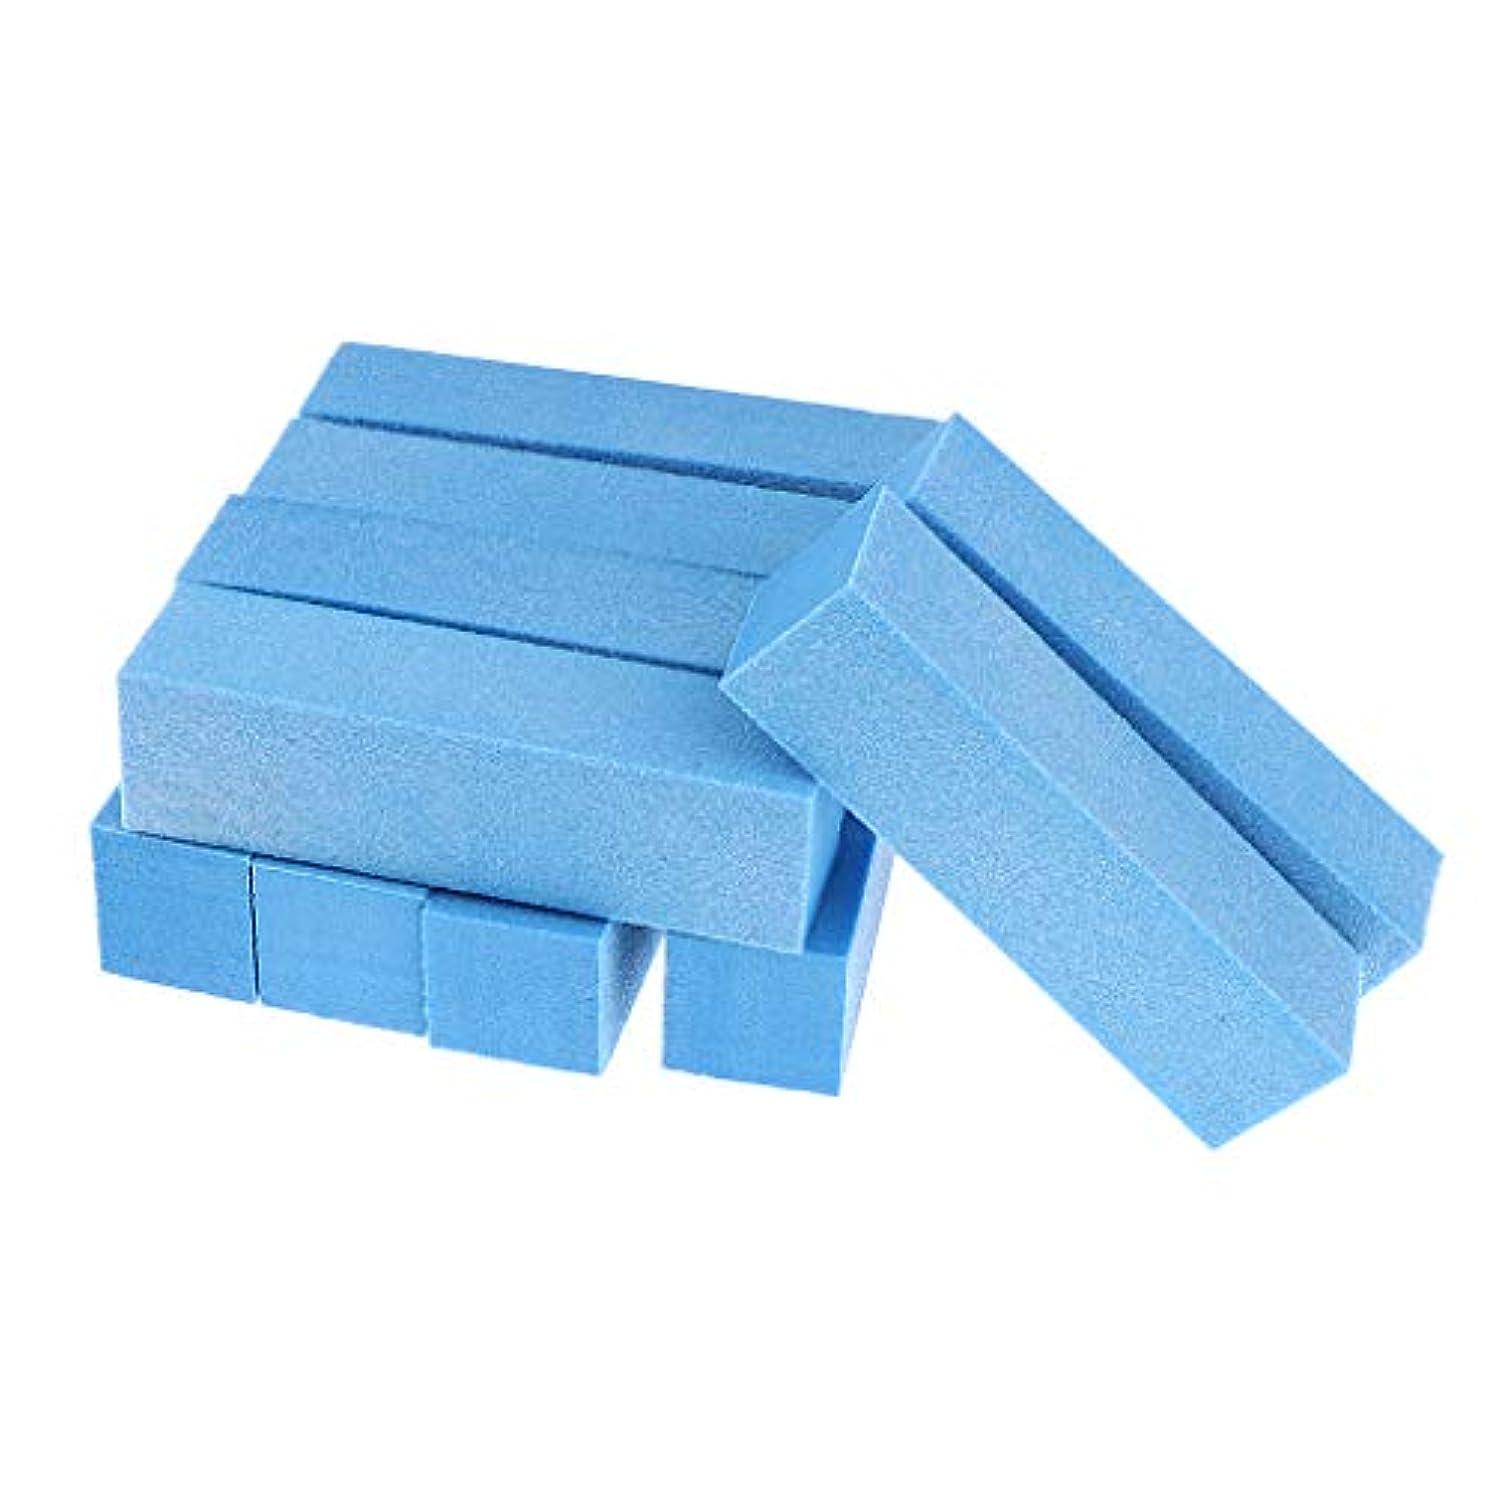 トーク先思いやりのあるToygogo 両面ネイルバッファーネイルシャイナースポンジネイルファイルサンディングブロック-ソフト&シルキー、10個-作成された滑らかで美しいネイル - 青